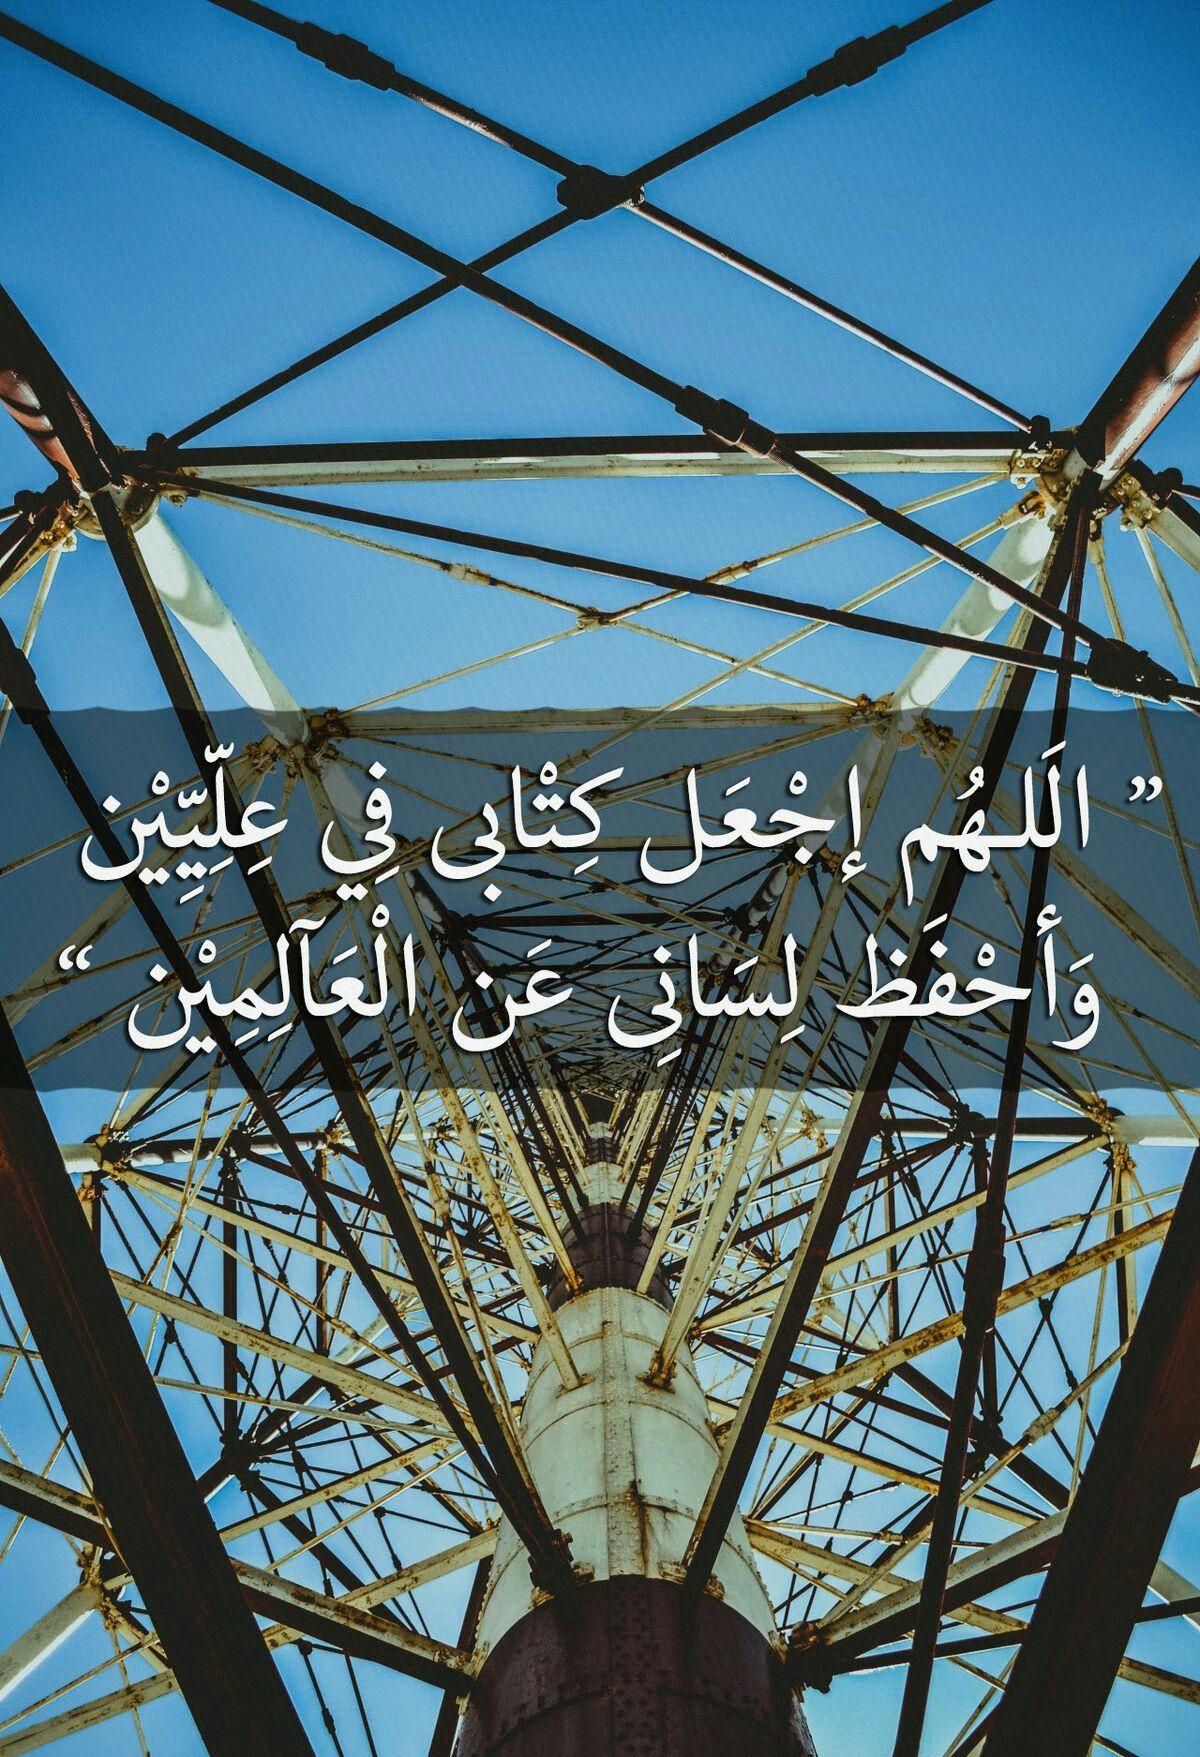 تريد ان تترك الغيبة والنميمة دائما قل اللهم اجعل كتابي في عليين واحفظ لساني عن العالمين آمين Islamic Pictures Neon Signs Pictures